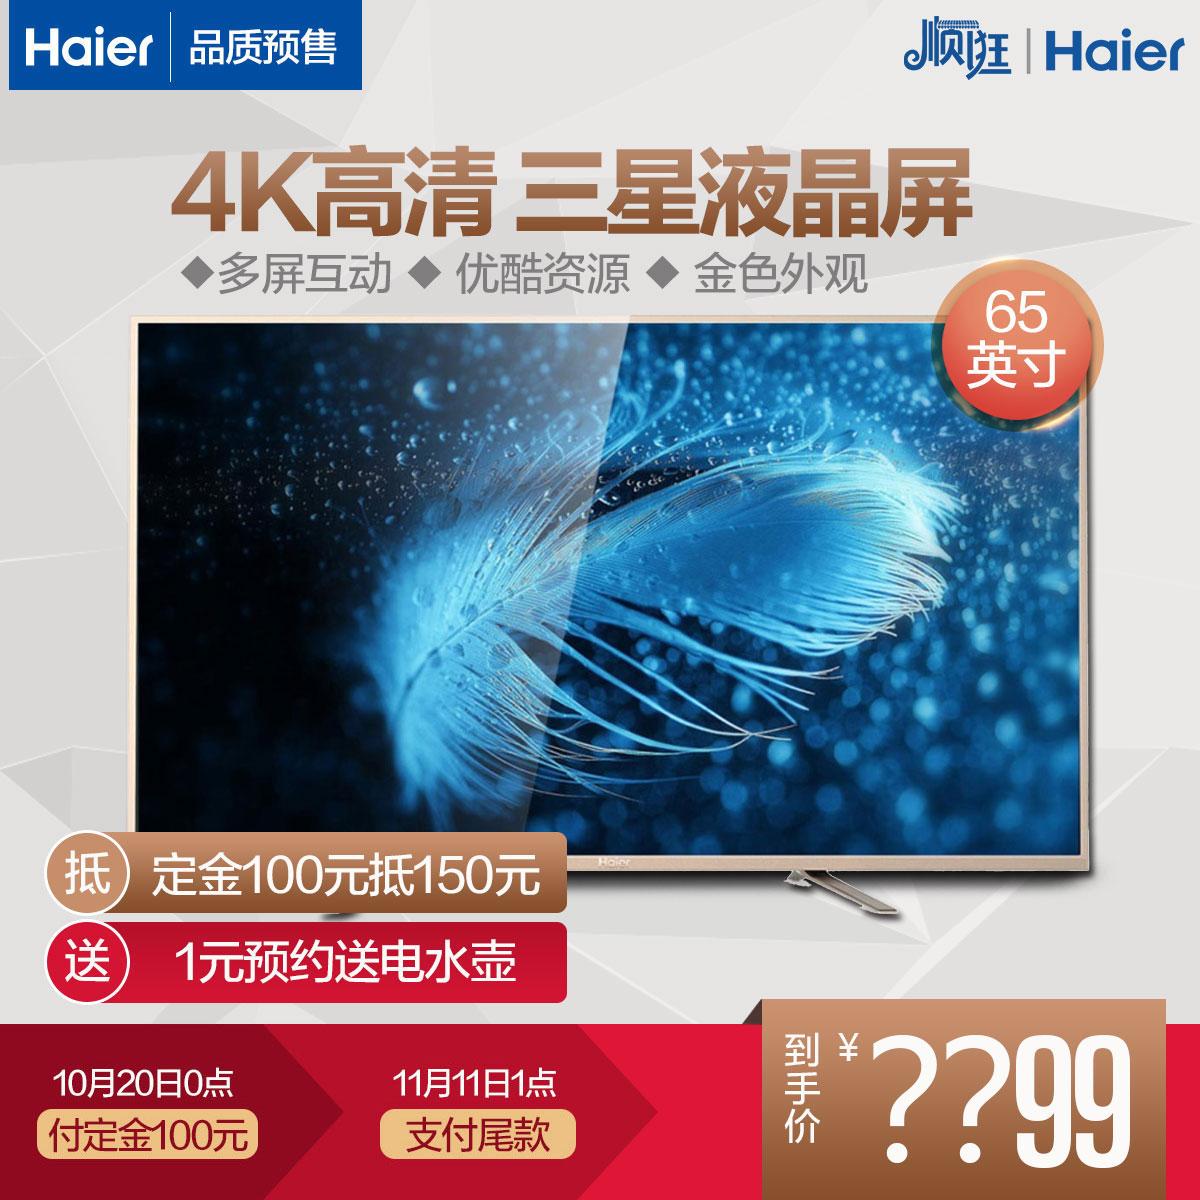 4K超高清,语音人工智能,64位处理器,大屏 LS65A51  65英寸超高清人工智能电视机